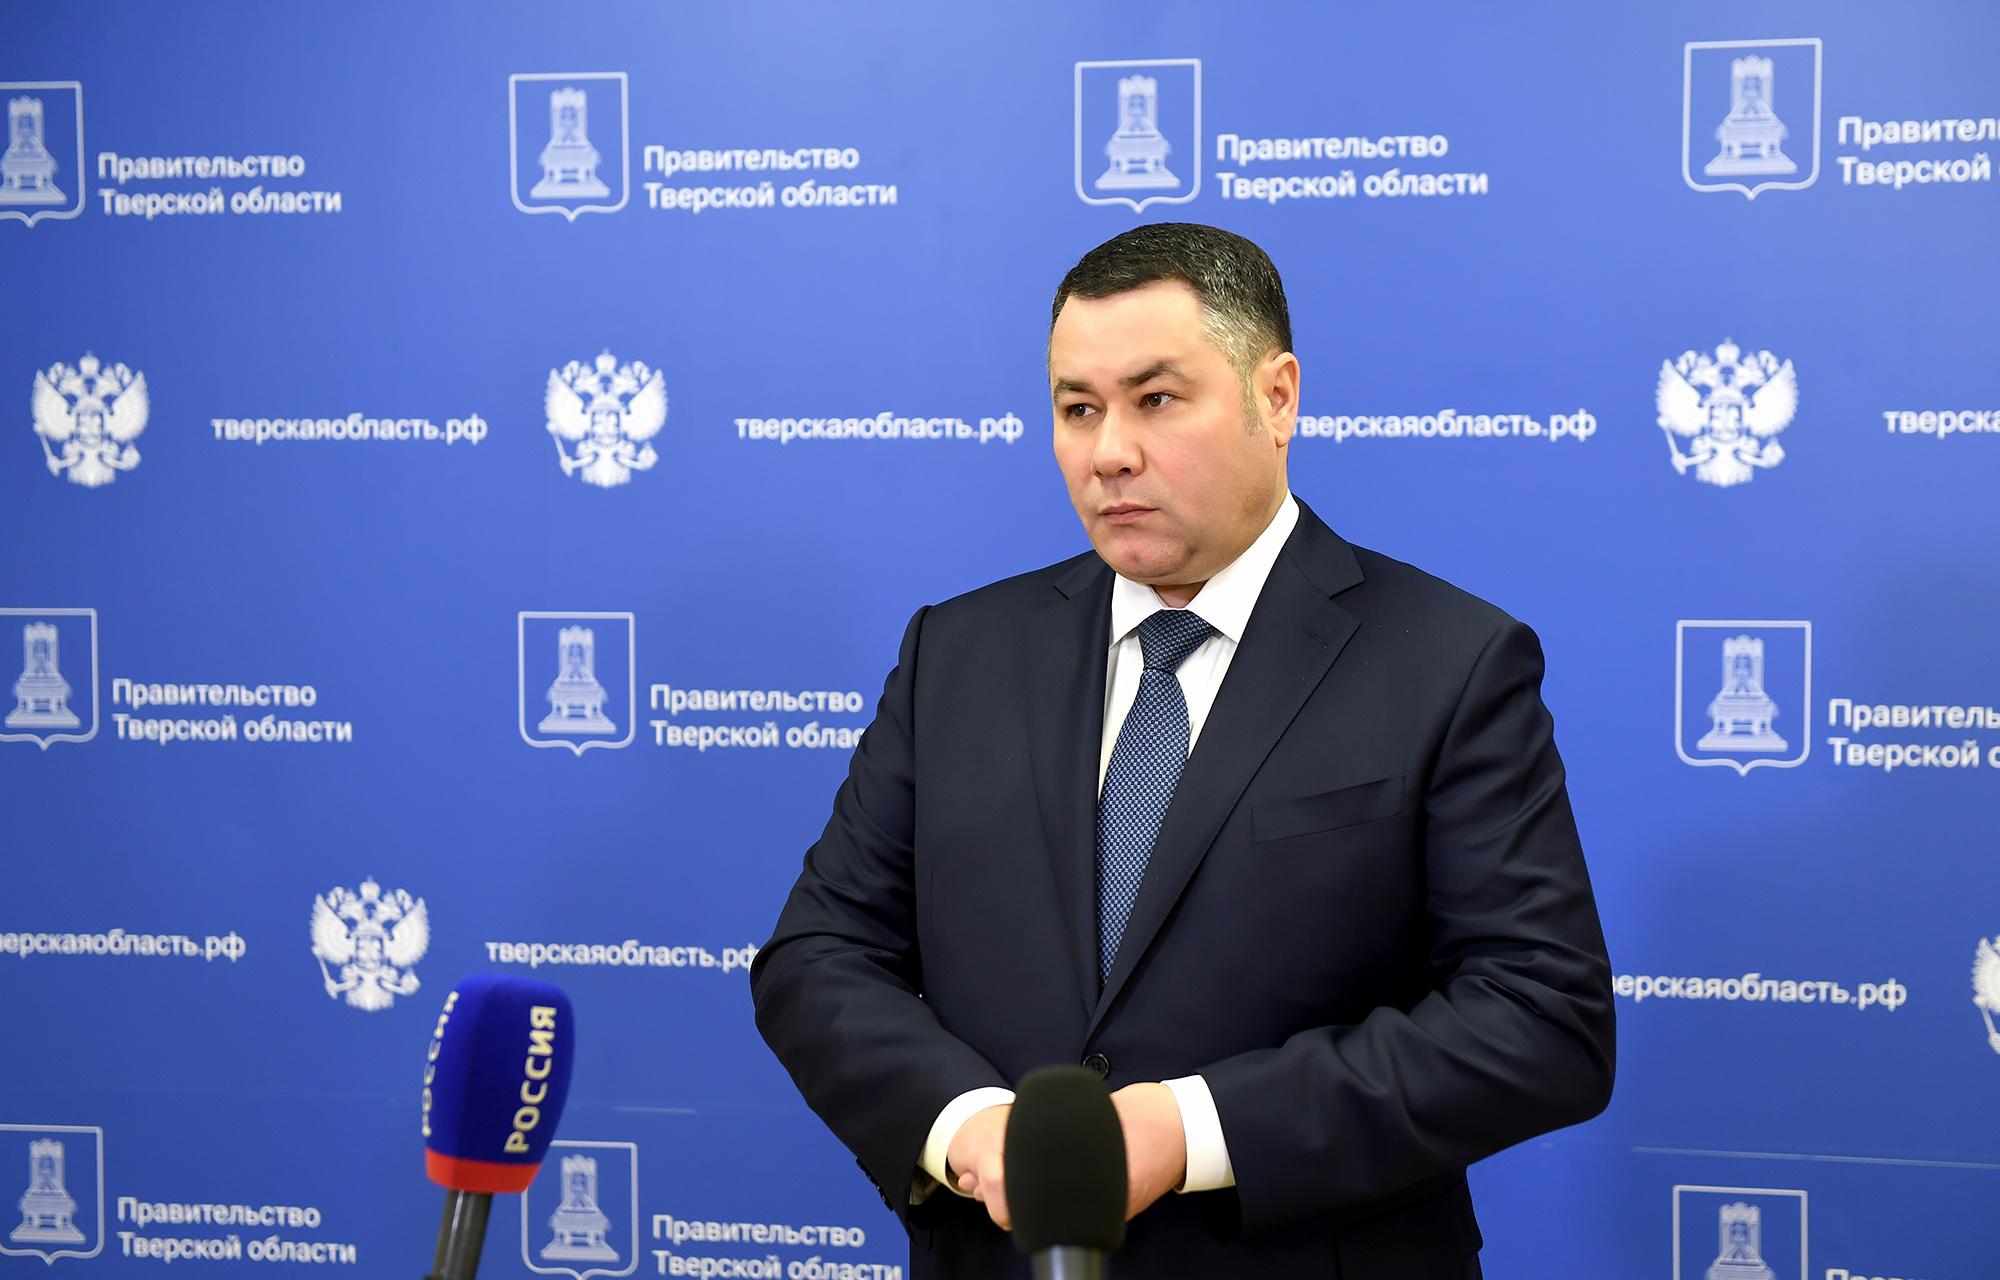 Игорь Руденя прокомментировал продление в Тверской области мер по предупреждению коронавируса